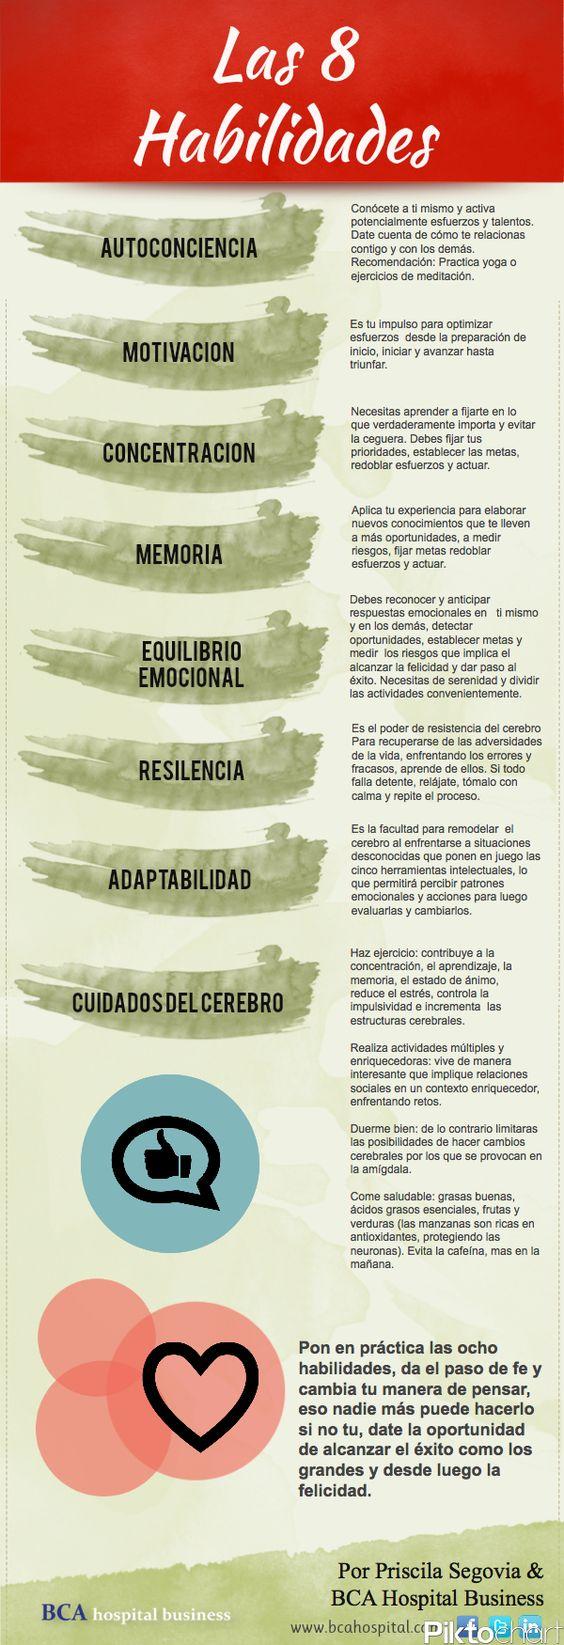 Las 8 #Habilidades :-) ¡para vivir bien!: